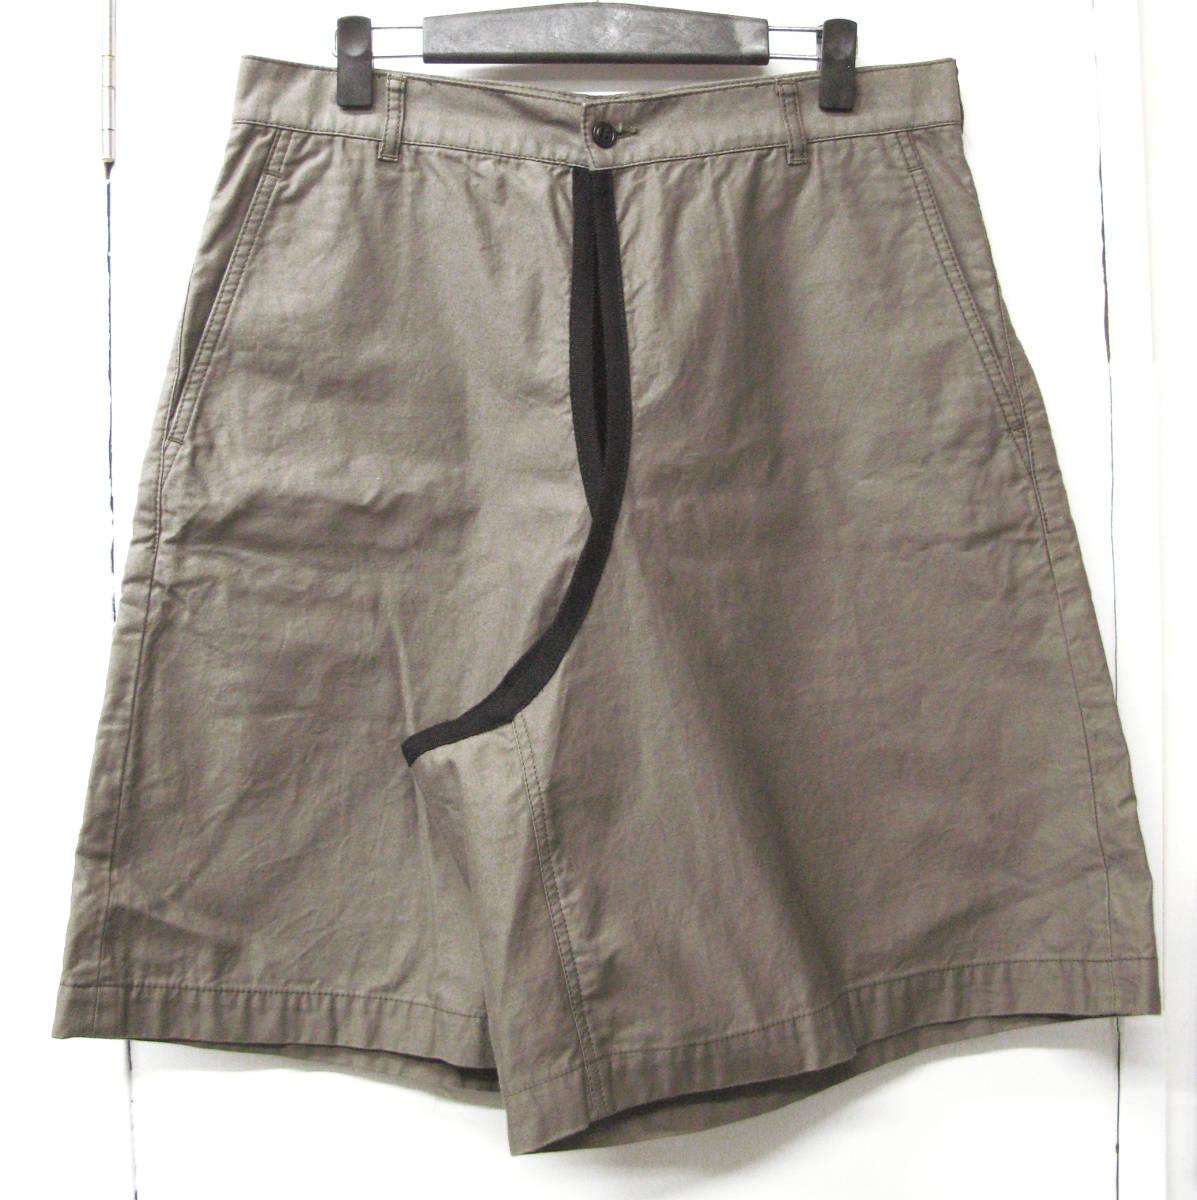 ギャルソン プリュス:カバー パンツ ( コムデギャルソン ハカマ 袴 カバーパンツ COMME des GARCONS HOMME PLUS cover pants_画像1